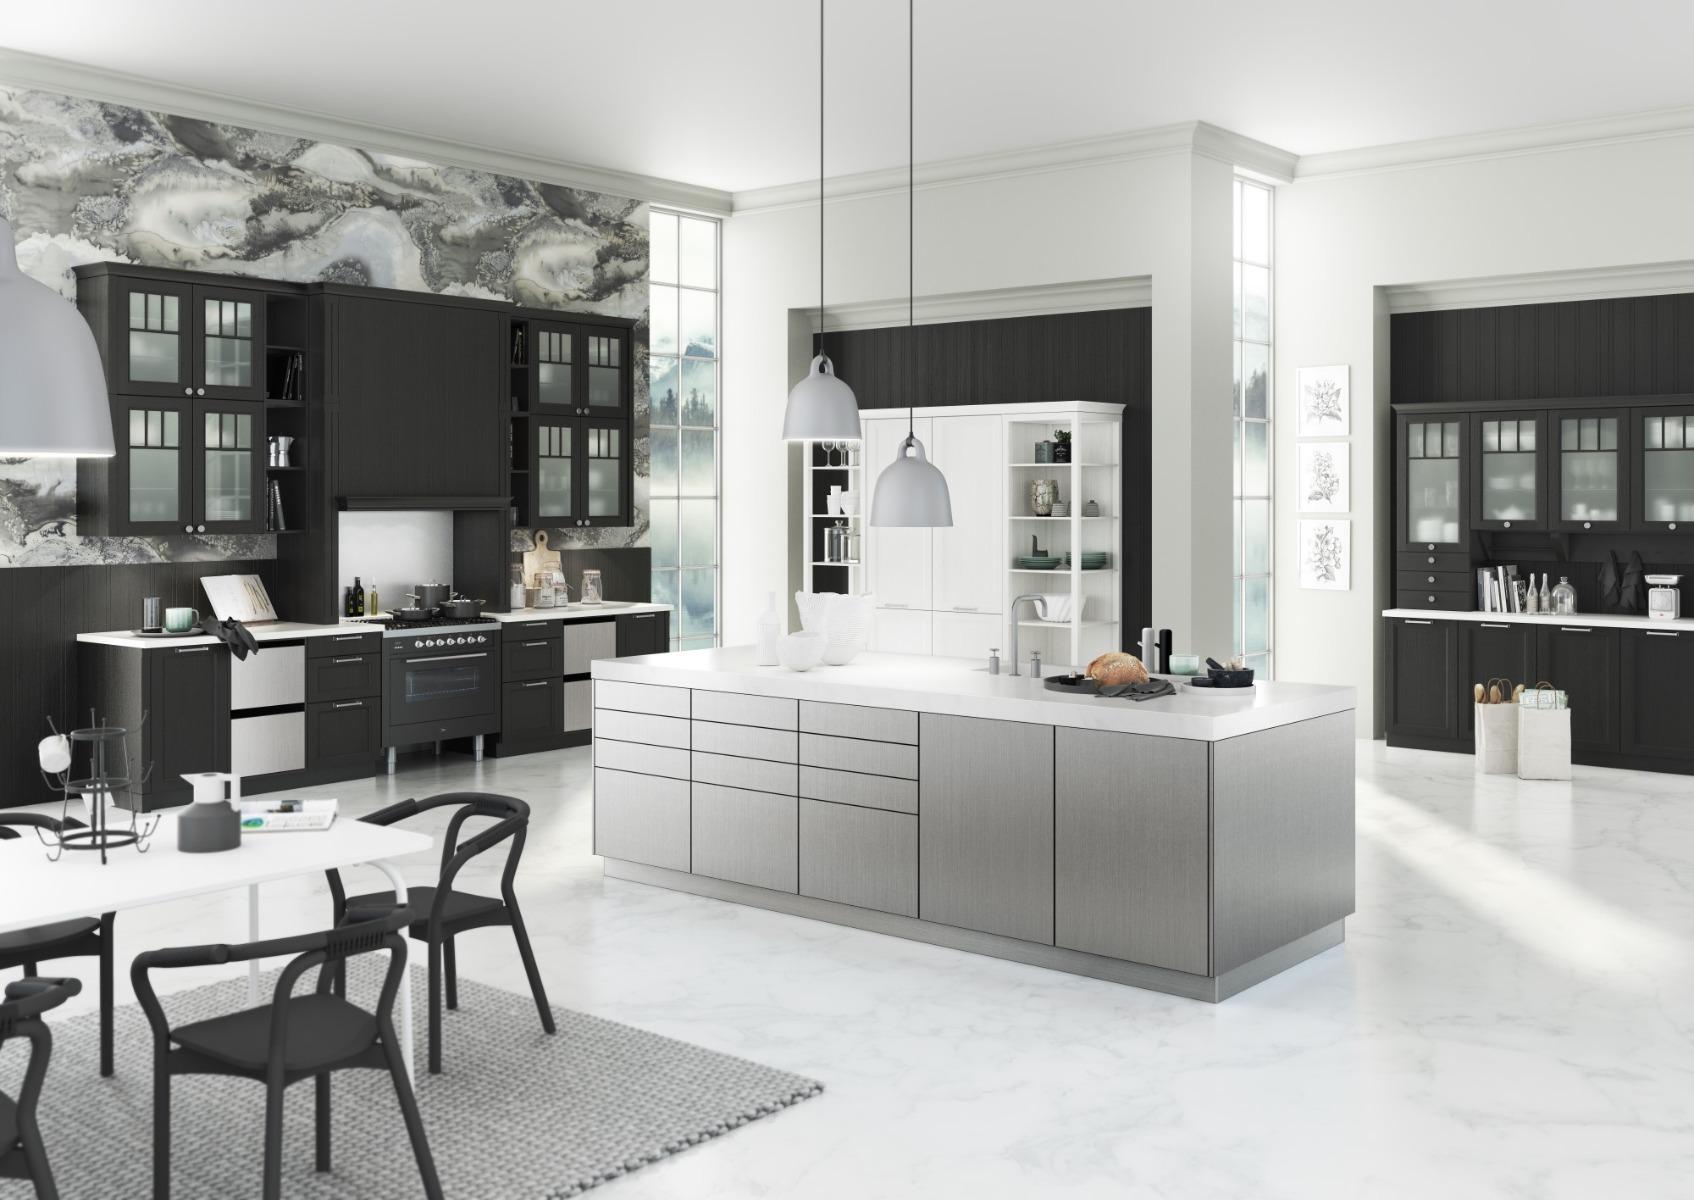 Bauformat_Kitchens